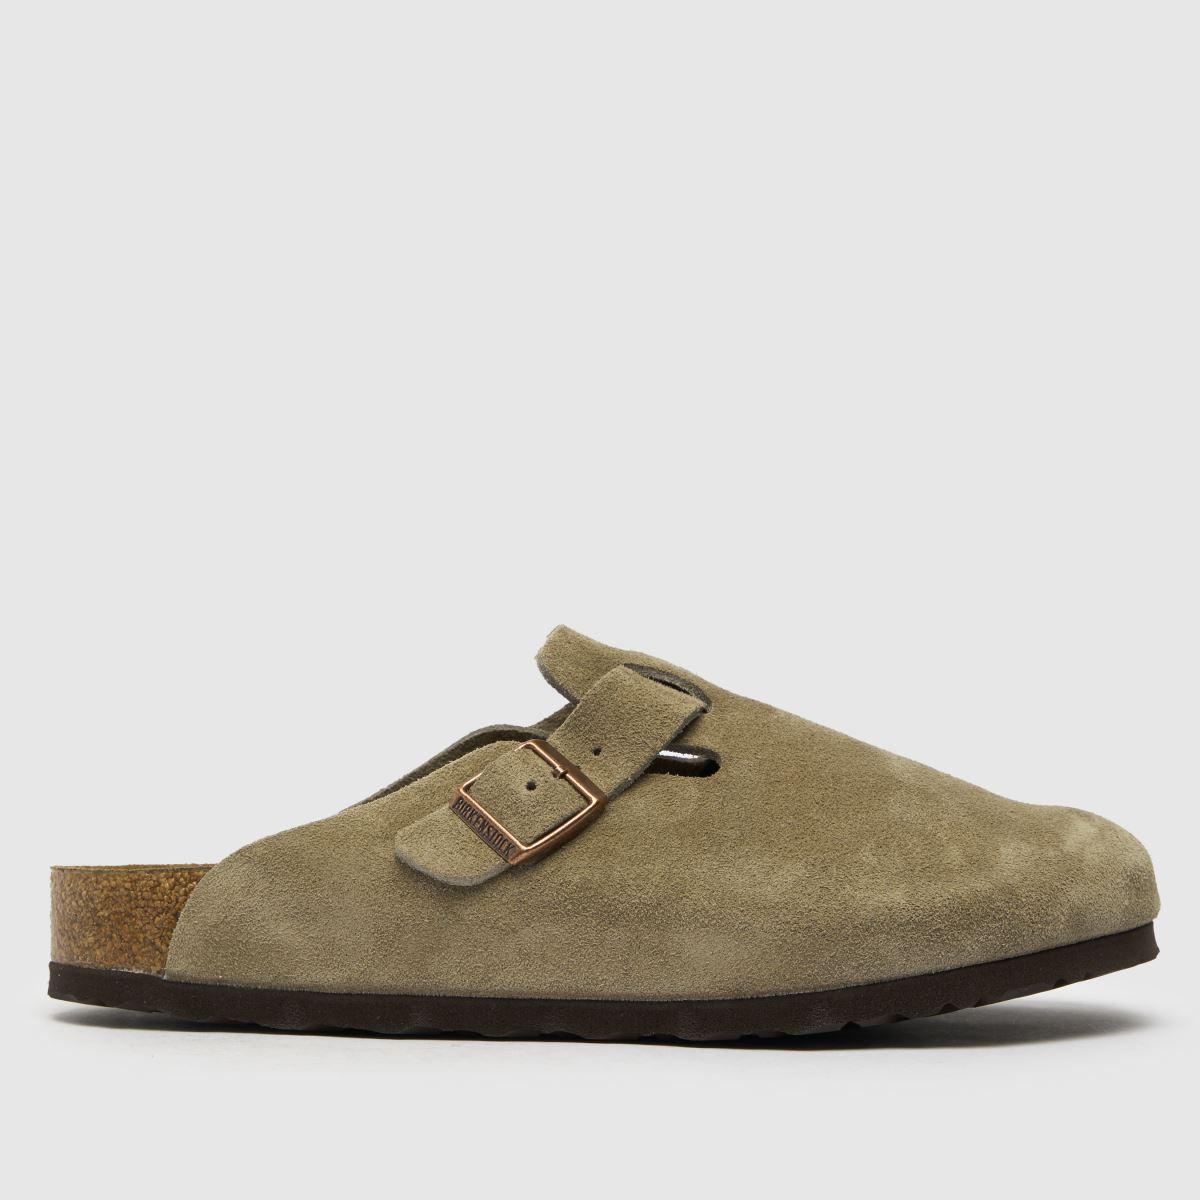 BIRKENSTOCK Beige Boston Sandals